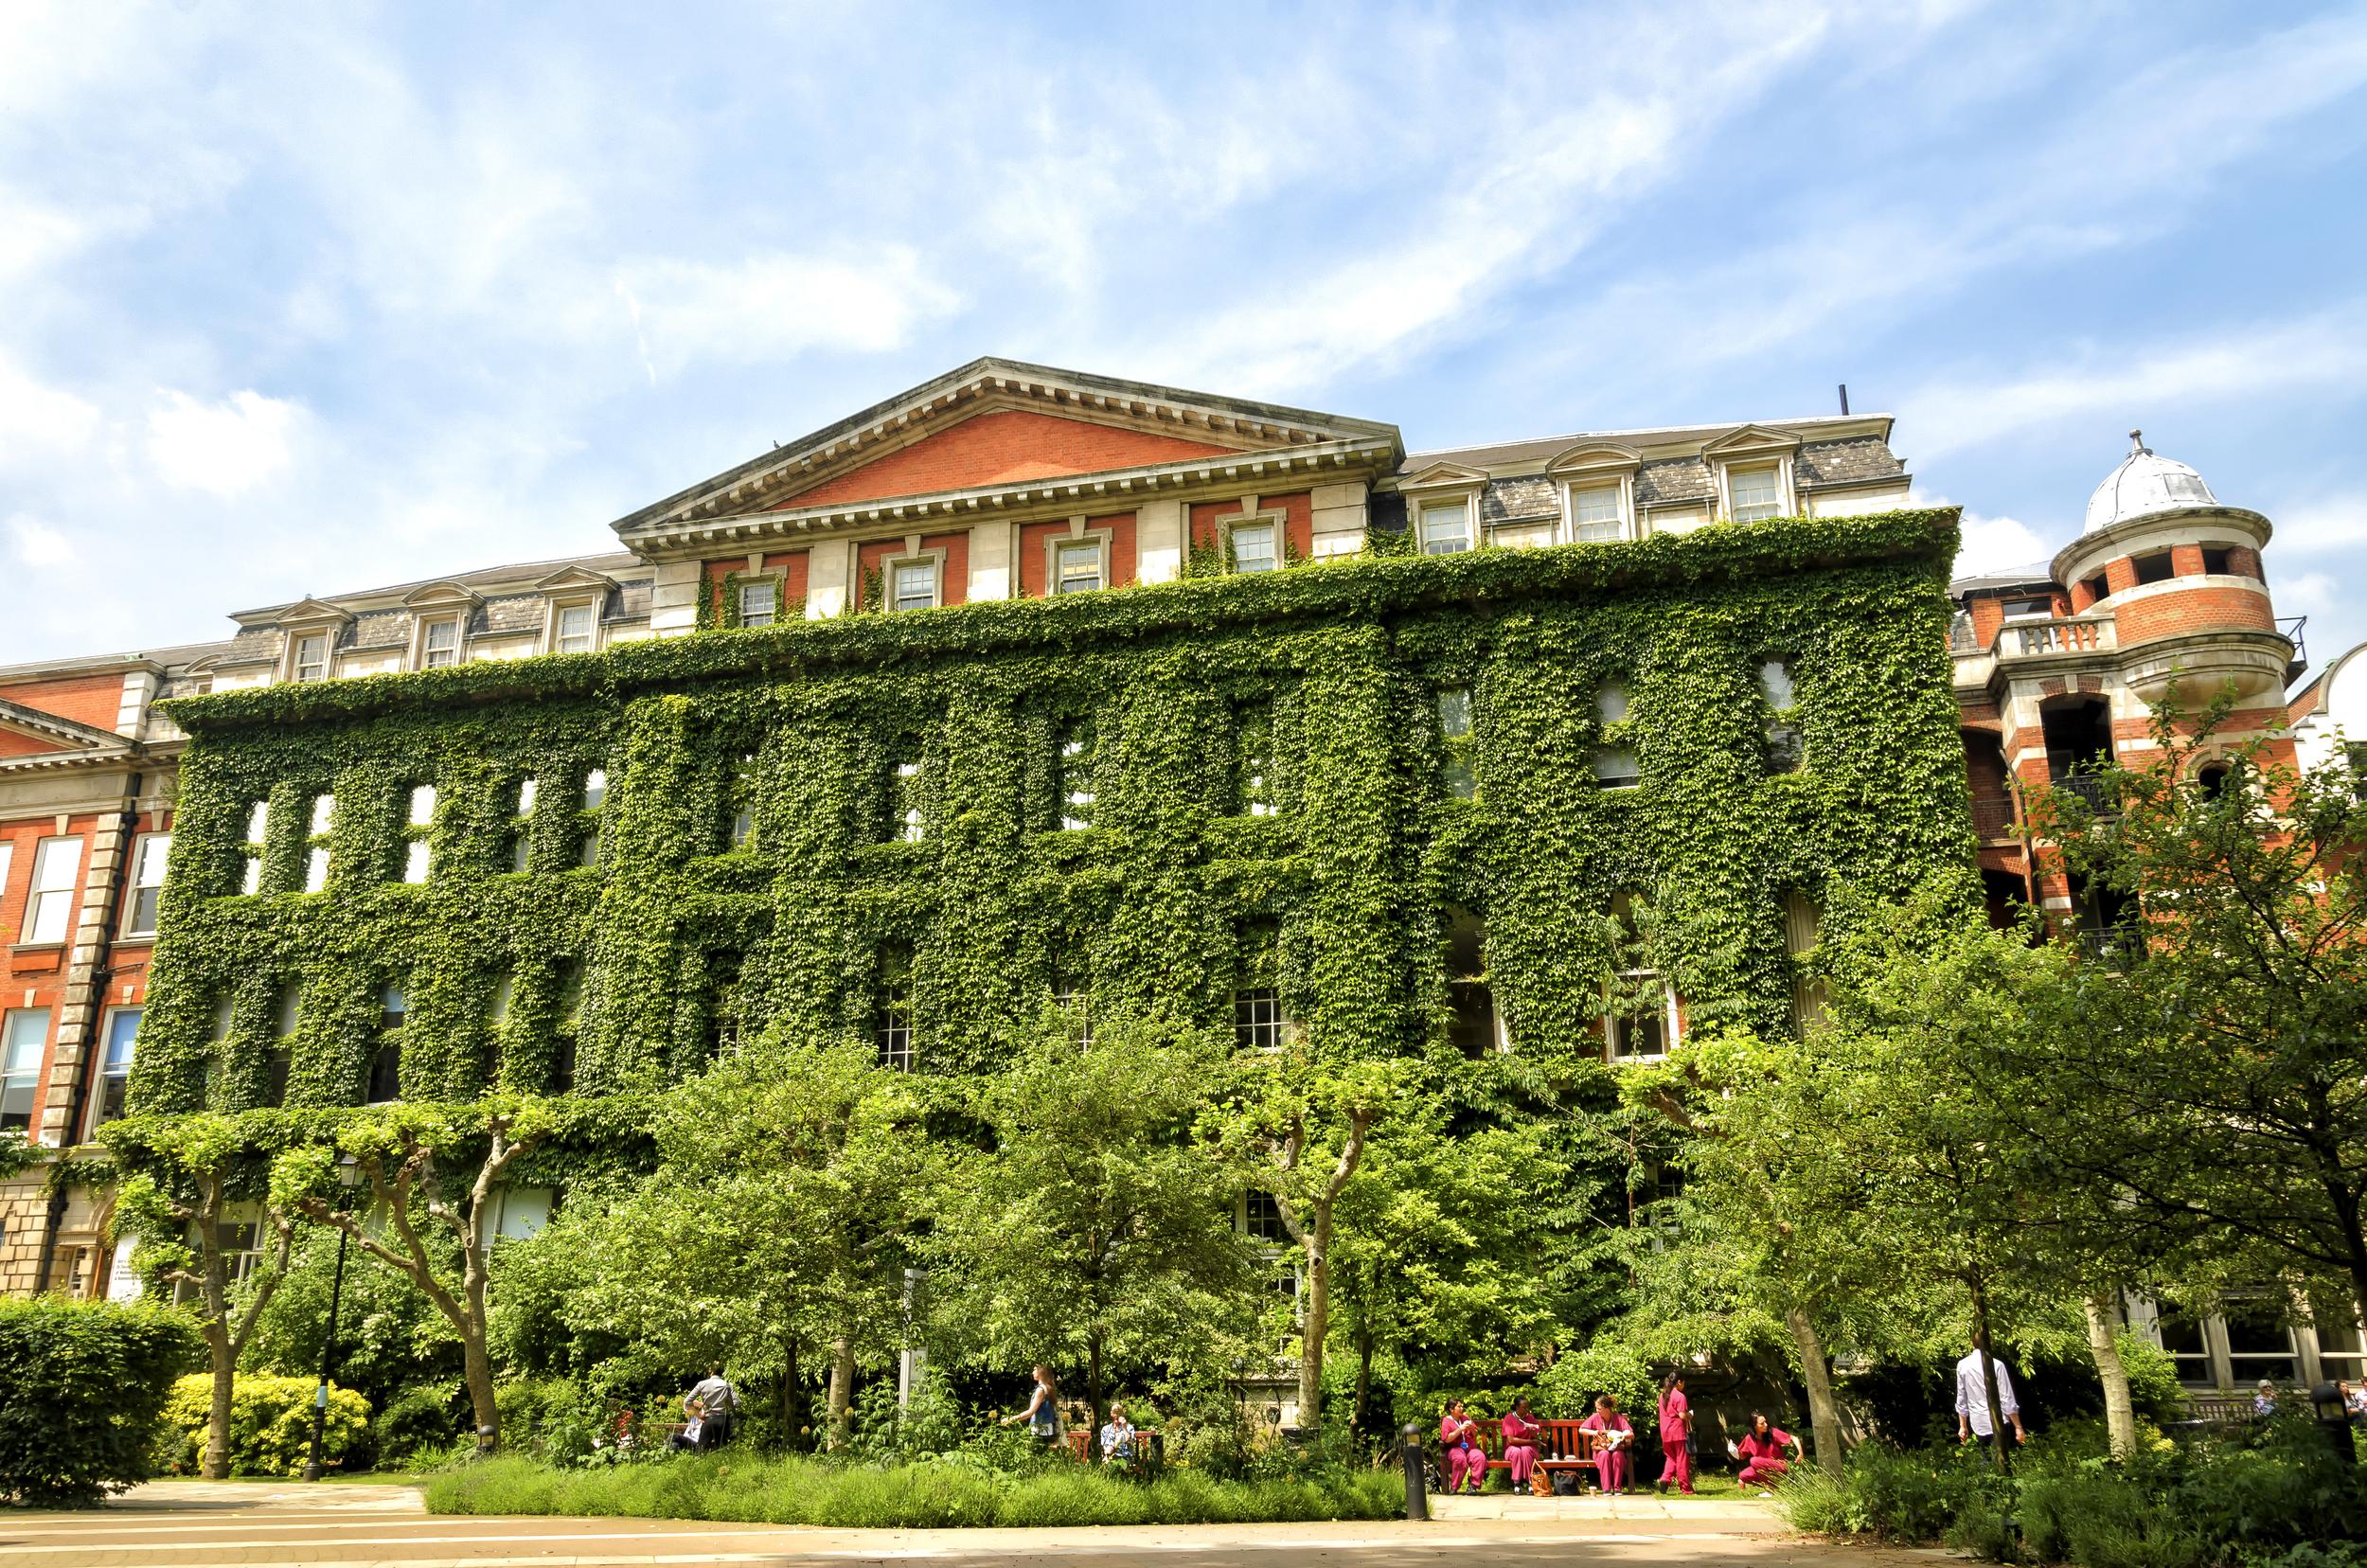 A King's College, de Londres, recebe estudantes para cursos de verão. Foto:Rob Swatski